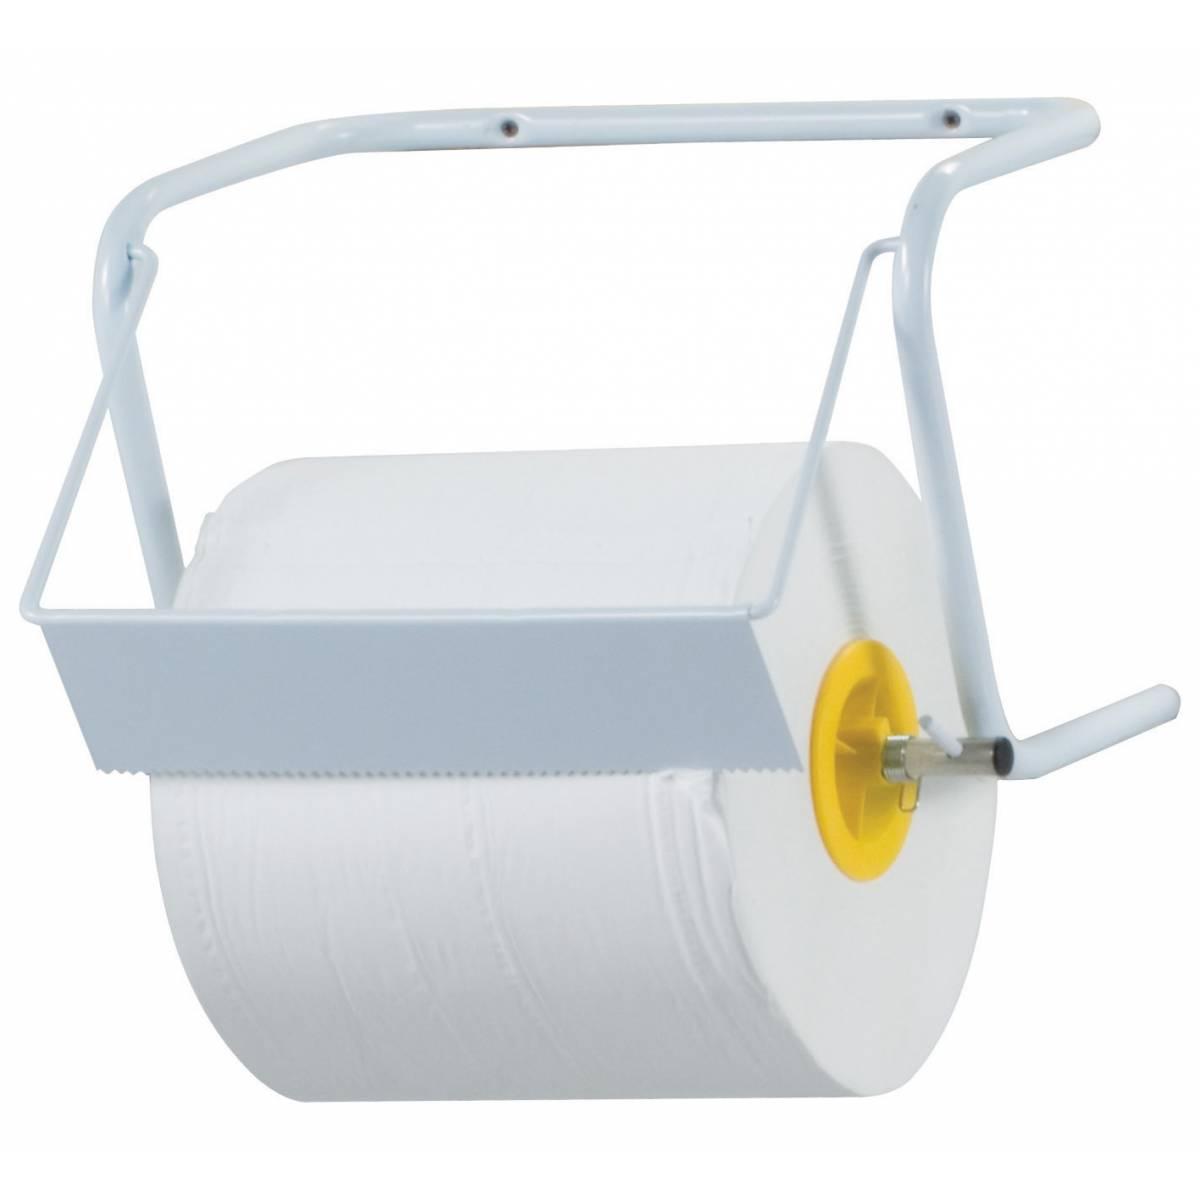 Держатель бумажных рулонных полотенец MAXI INOX WALL MOUNTED (522) A52201 Mar Plast